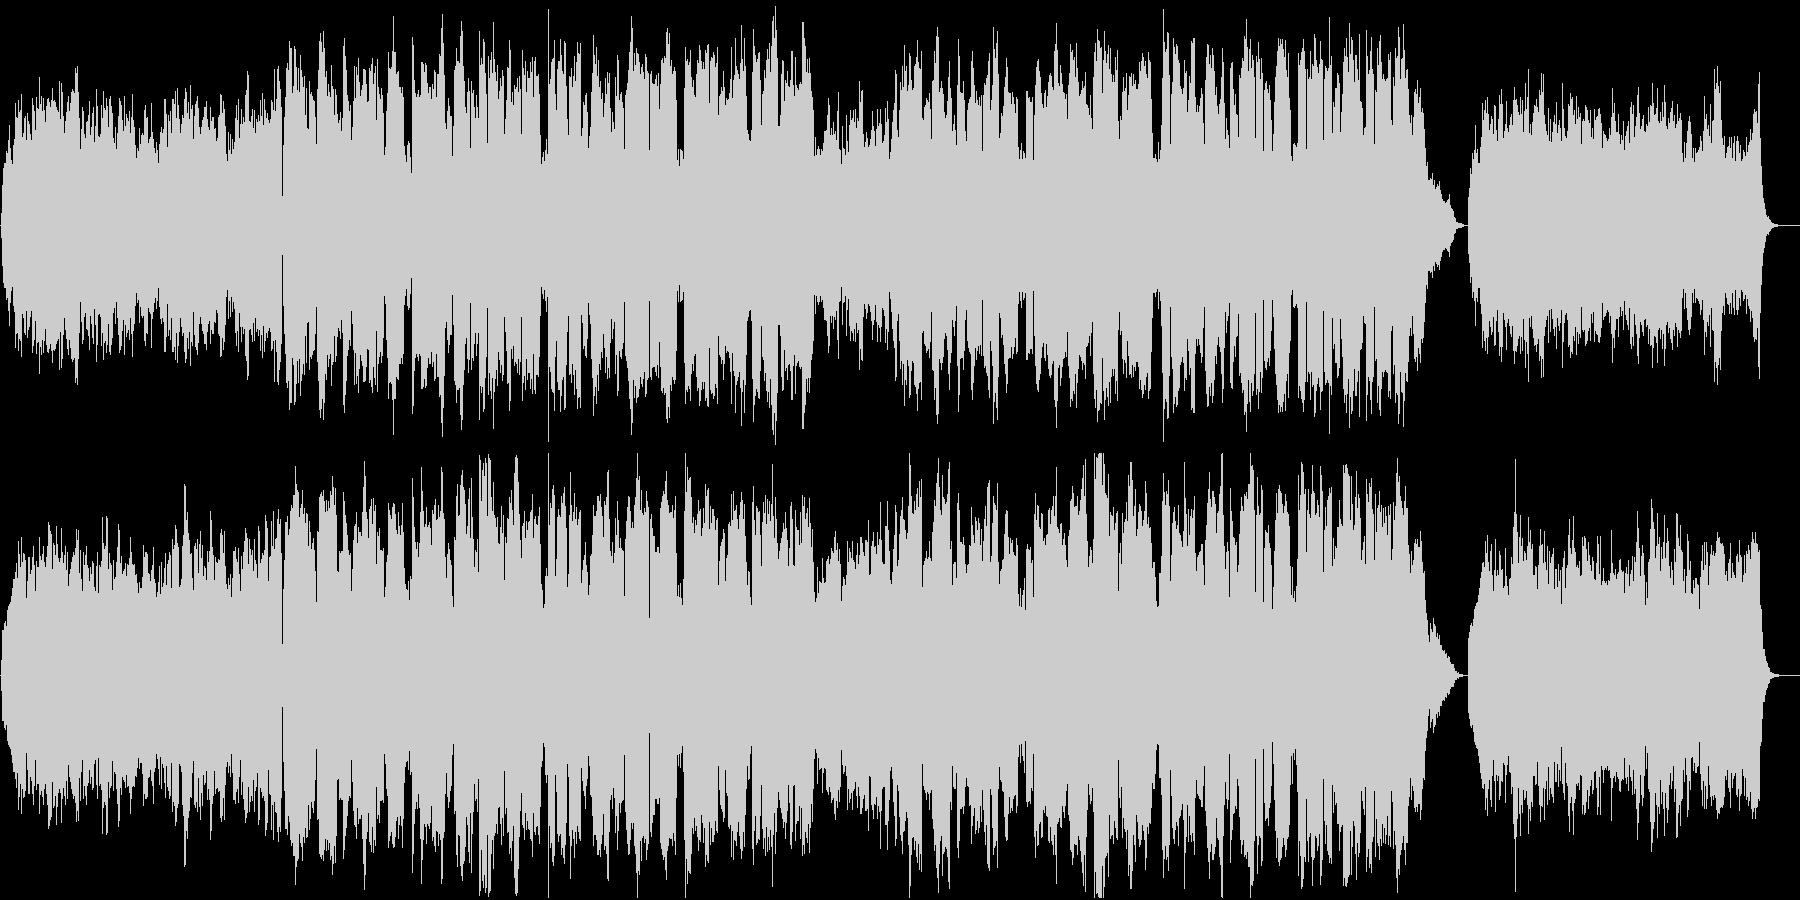 「蛍の光」 ストリングスアレンジでの歌唱の未再生の波形